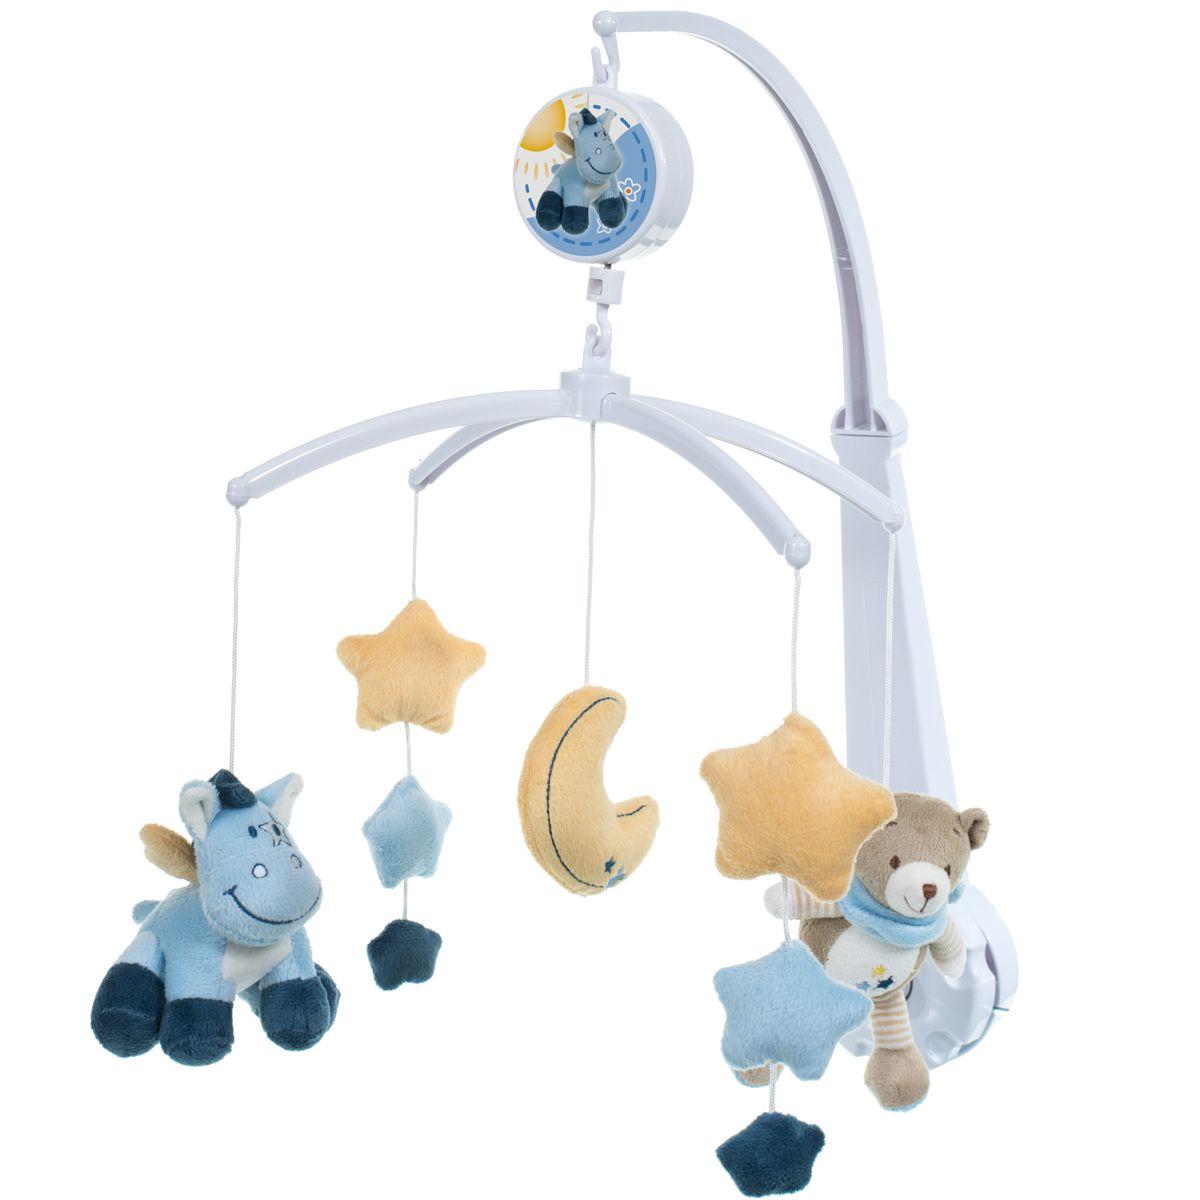 Musikmobile Baby Mobile Spieluhr Musikuhr Einschlafhilfe Fur